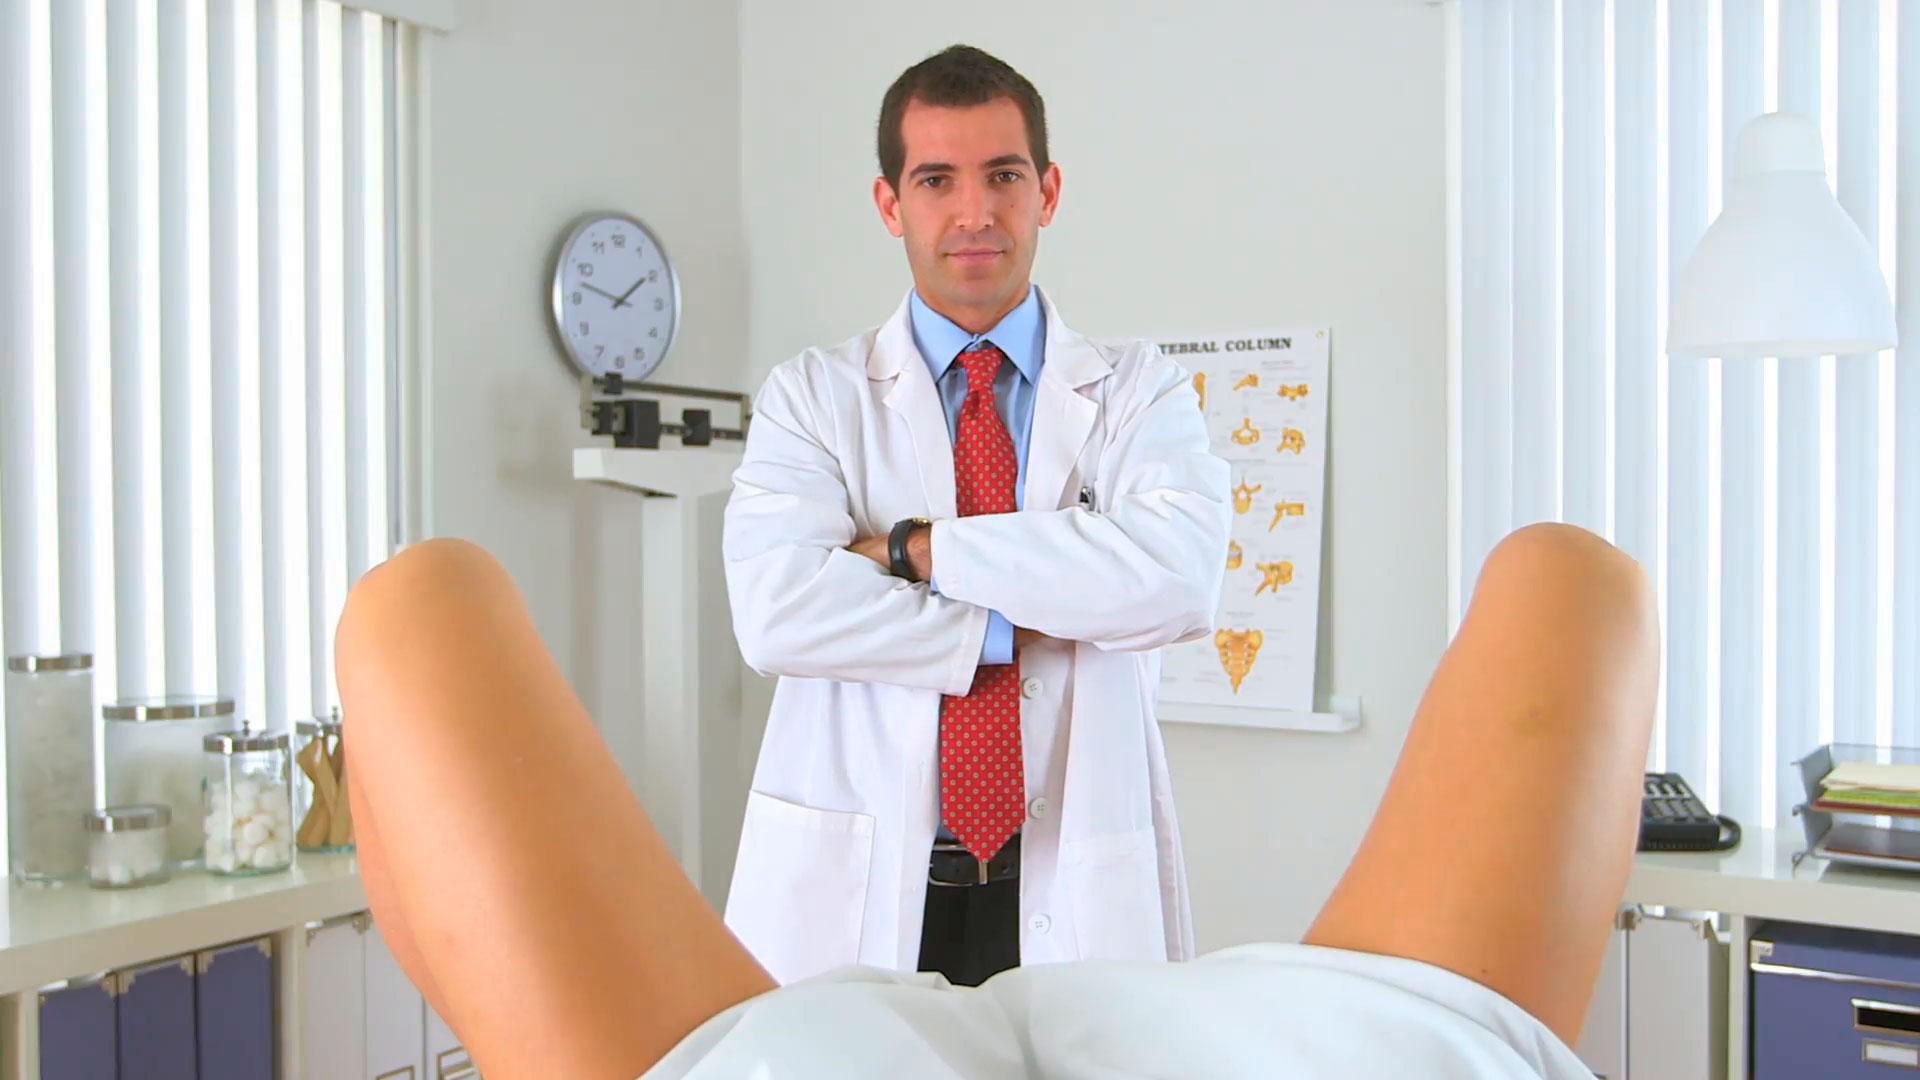 Осмотр гинеколога: что у вас могут найти – и надо ли это лечить. осмотр на кресле, как проходит